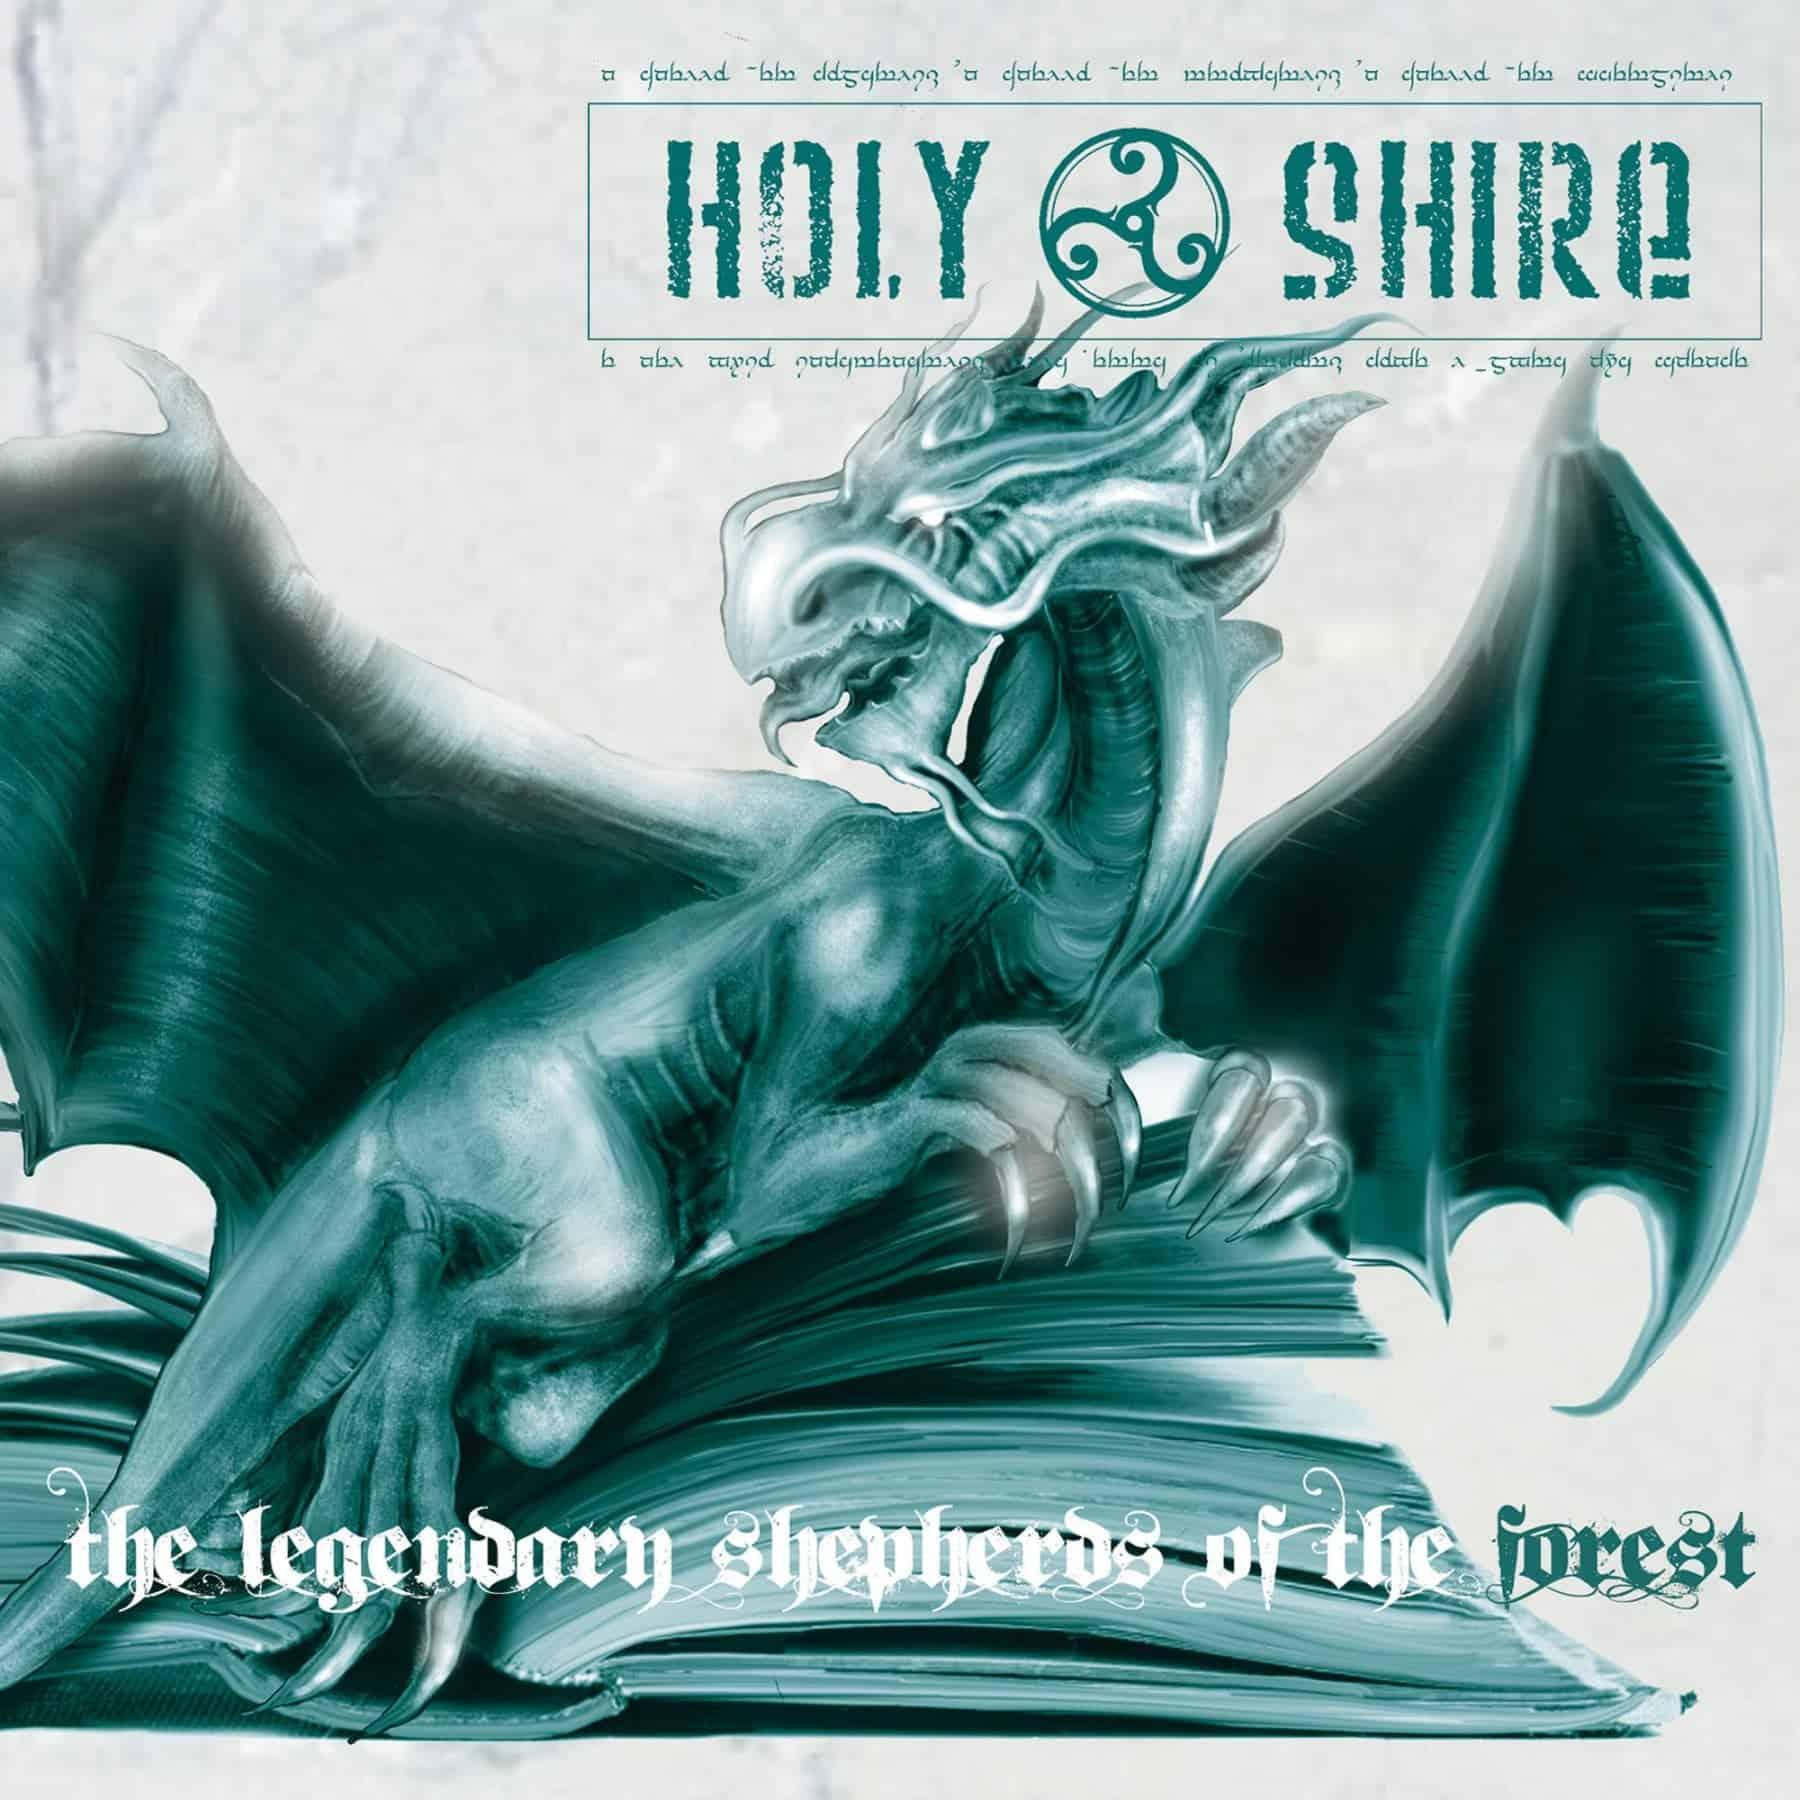 Risultati immagini per holy shire the legendary